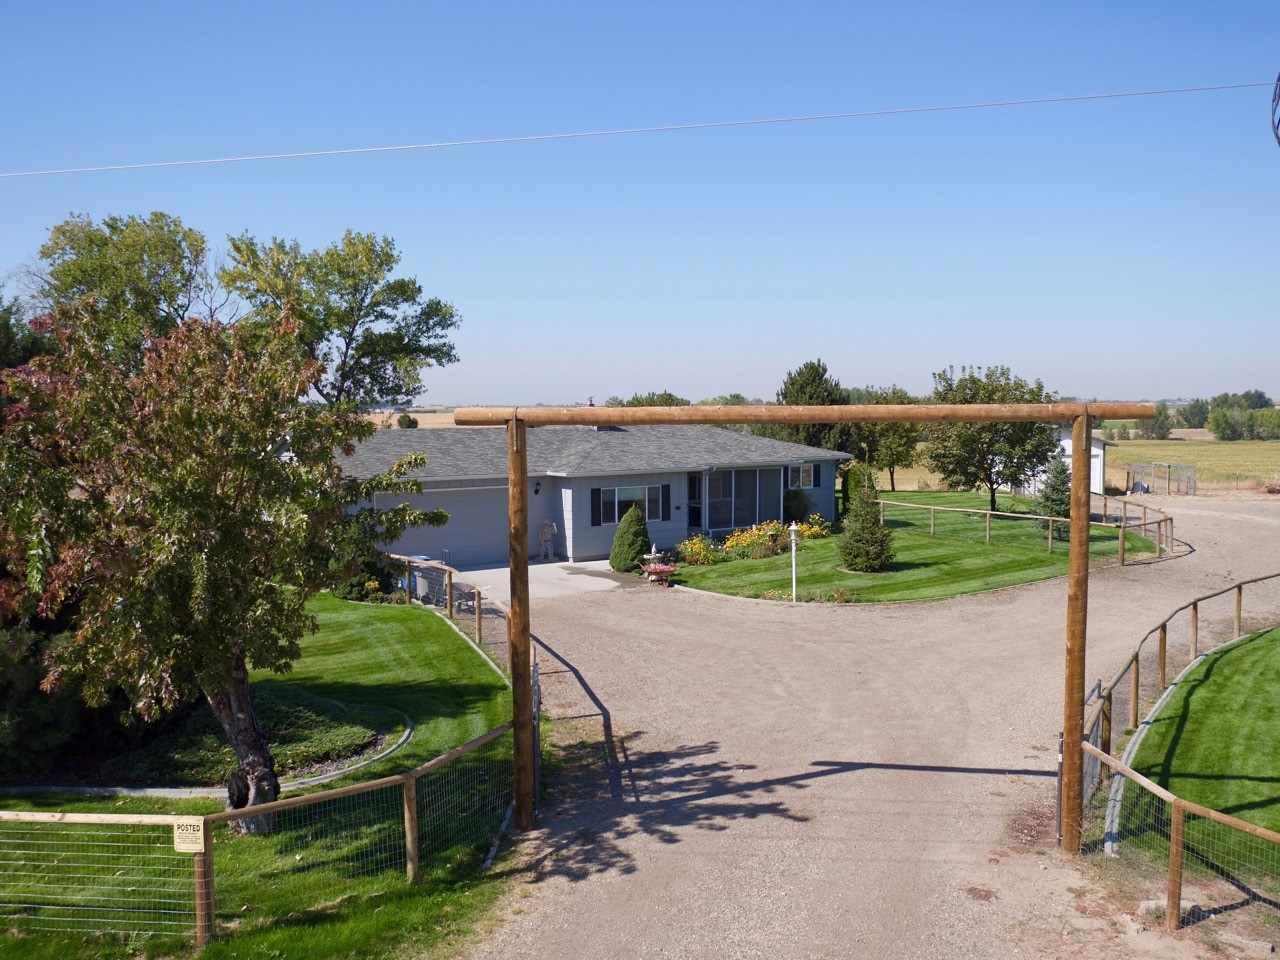 Maison unifamiliale pour l Vente à 26103 Harvey, Caldwell Caldwell, Idaho, 83607 États-Unis